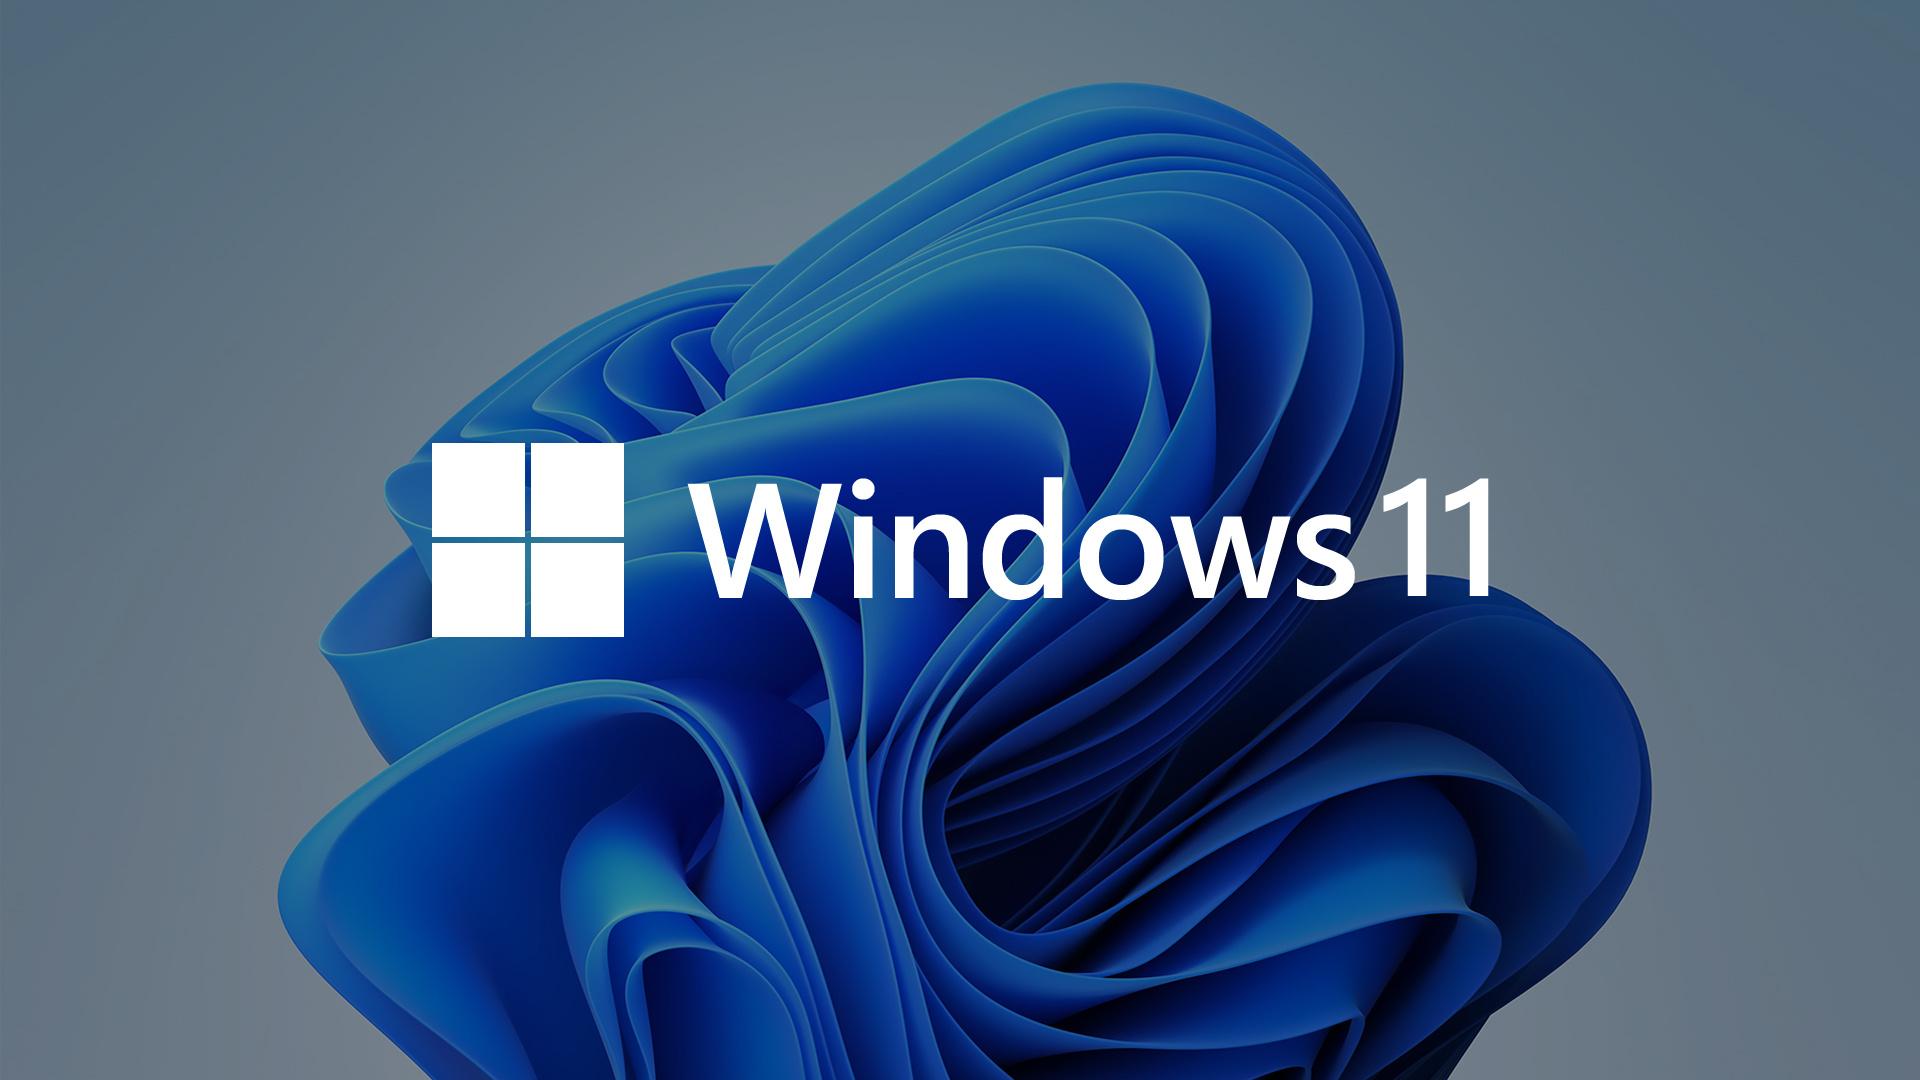 如何在不符合条件设备上接收首批Windows 11版本更新